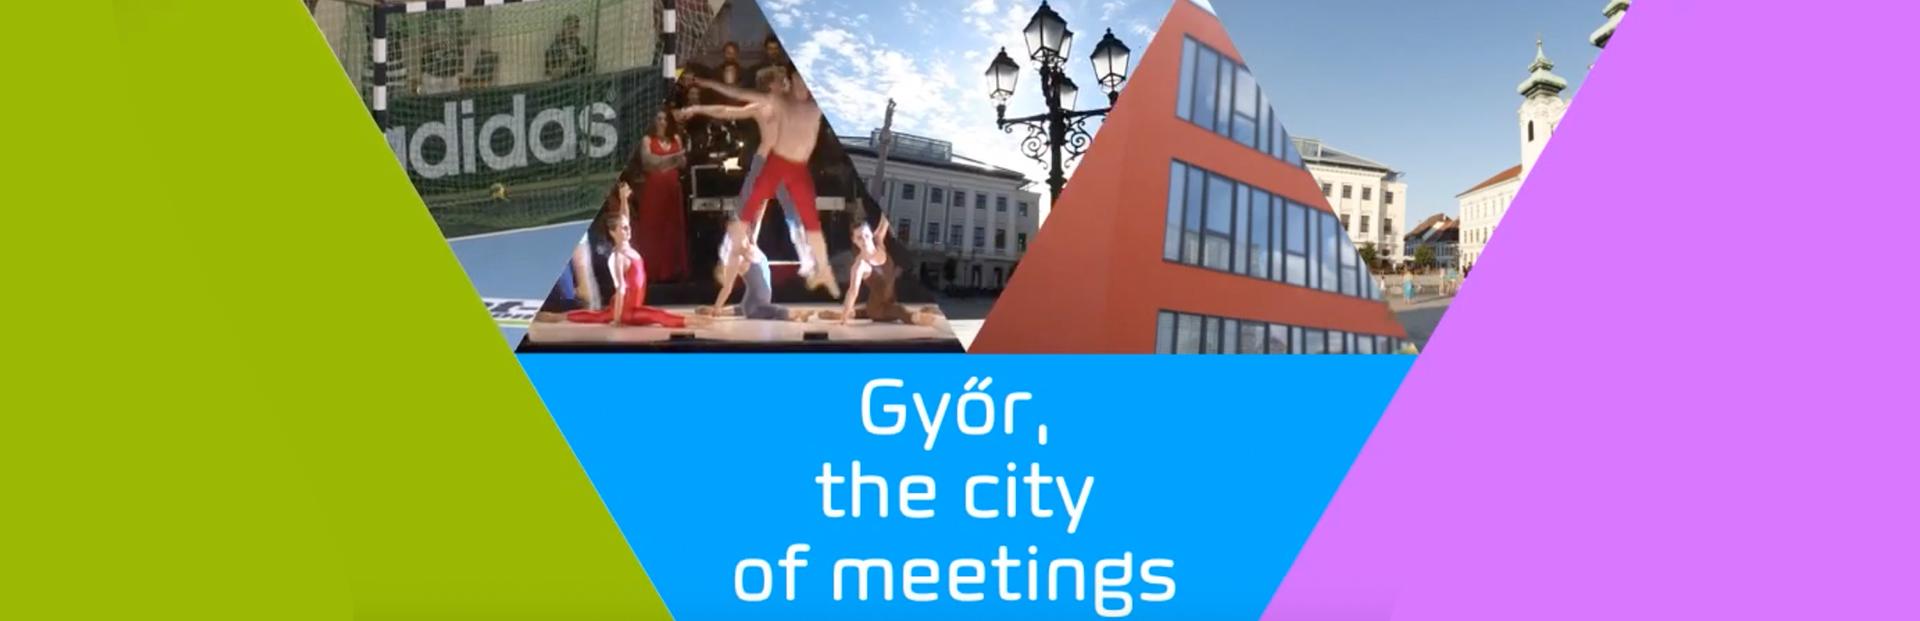 Disfruta de esta vista previa sobre Hungría y Győr